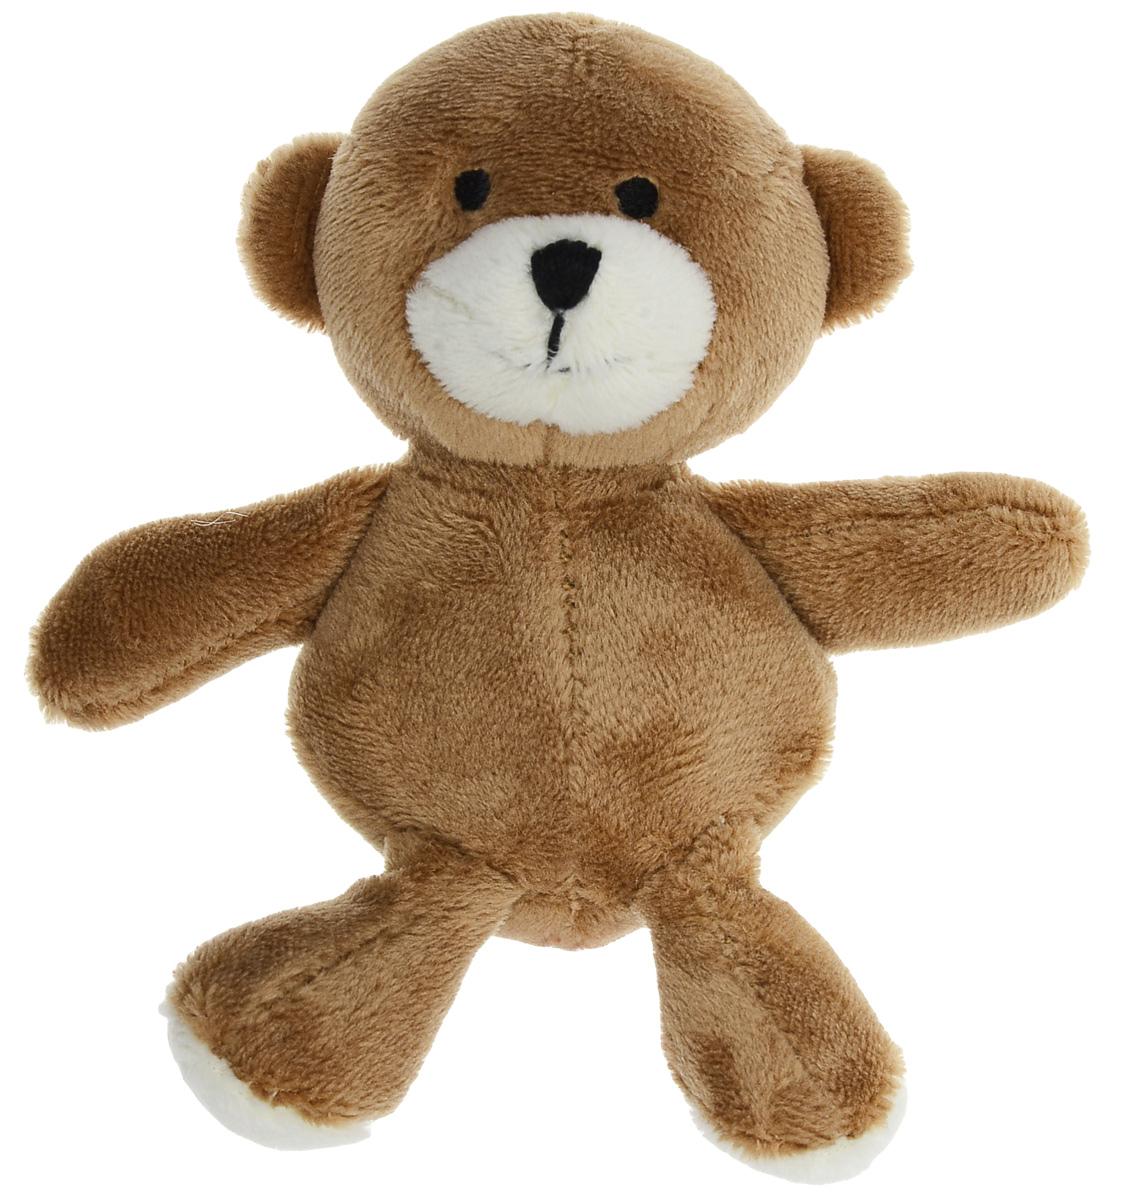 Игрушка для собак GiGwi Медведь, с пищалкой, длина 11 см0120710Игрушка для собак GiGwi Медведь порадует вашу собаку и доставит ей море веселья. Несмотря на большое количество материалов, большинство собак для игры выбирают классические плюшевые игрушки. Такие игрушки можно носить, уютно прижиматься во сне, жевать. Некоторые собаки просто любят взять в зубы игрушку и ходить с ней повсюду. Мягкие игрушки сохраняют запах питомца, поэтому он каждый раз к ней возвращается. Милые, мягкие и приятные зверушки характеризуются высоким качеством исполнения и привлекательным дизайном. Игрушка снабжена пищалкой, которая привлекает внимание животного.